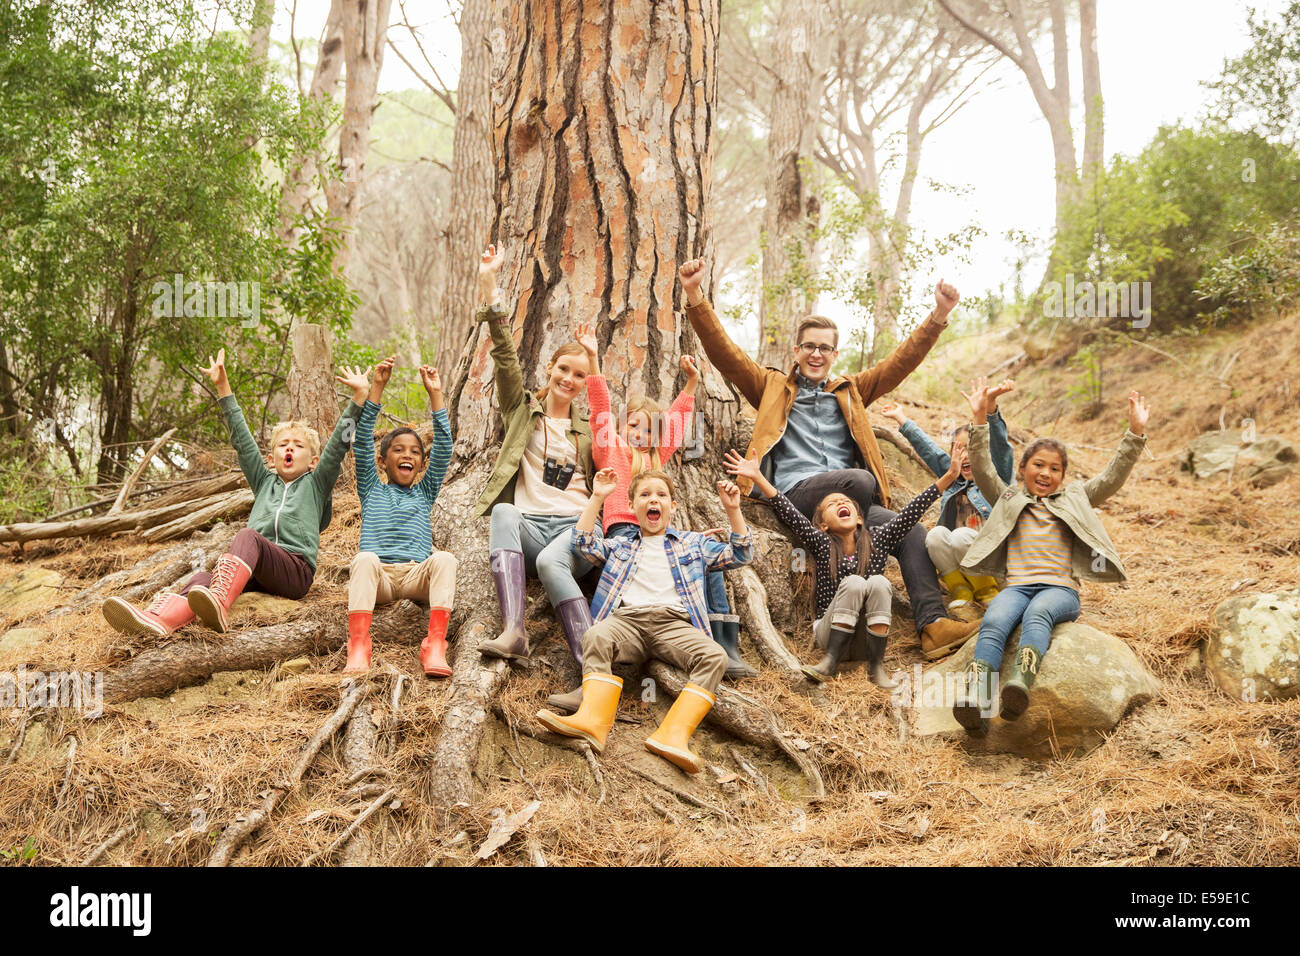 Estudiantes y profesores aclamando en el bosque Imagen De Stock